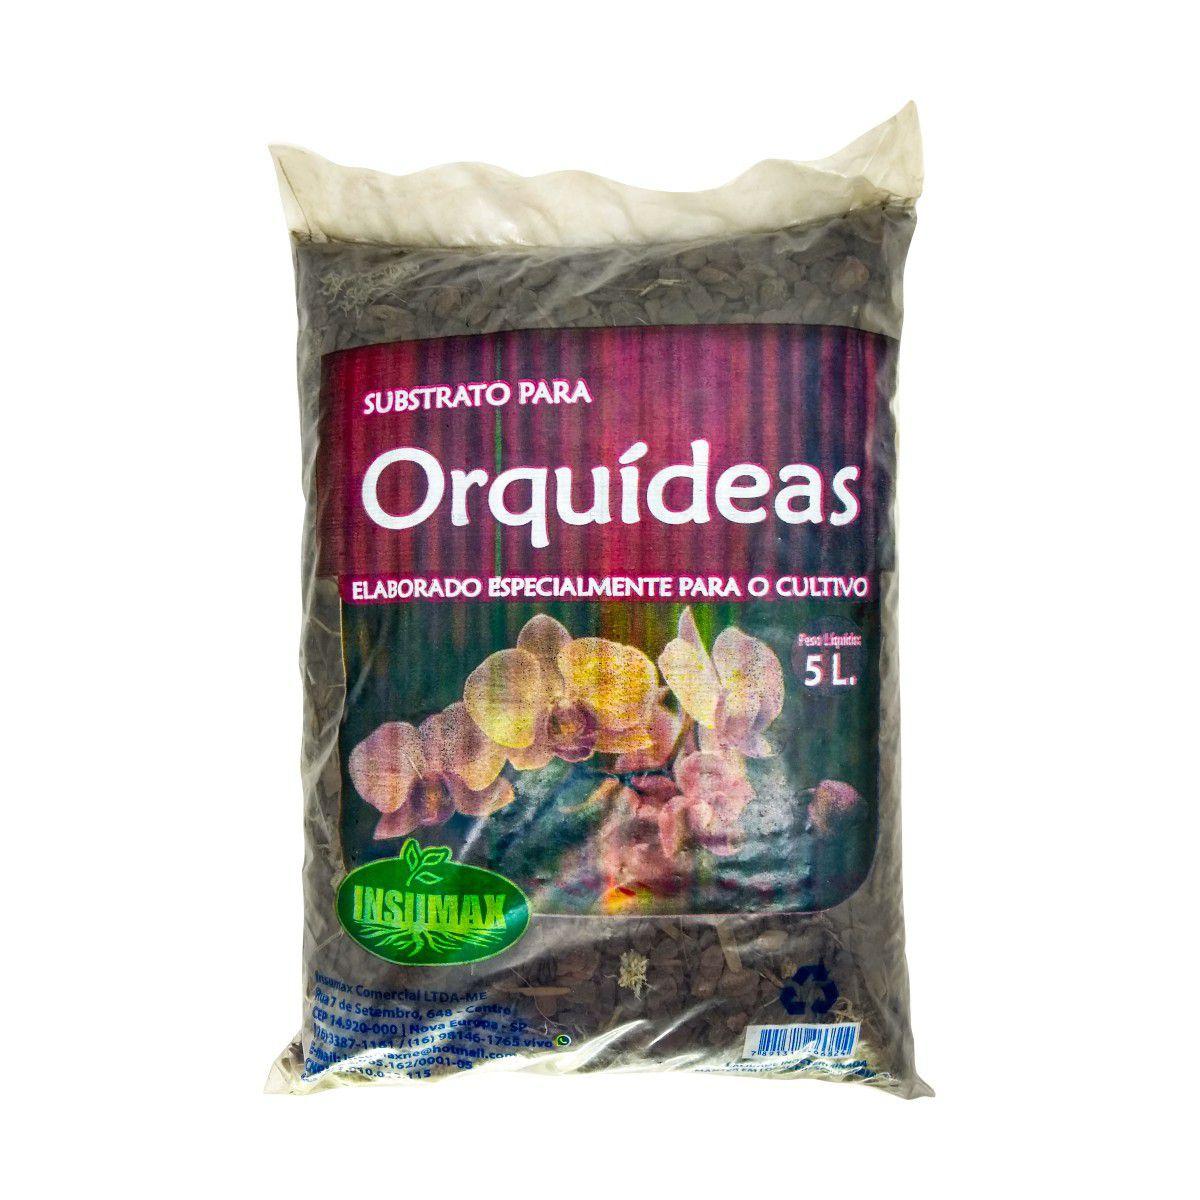 Substrato para Orquídeas 5 litros Especial para Cultivo